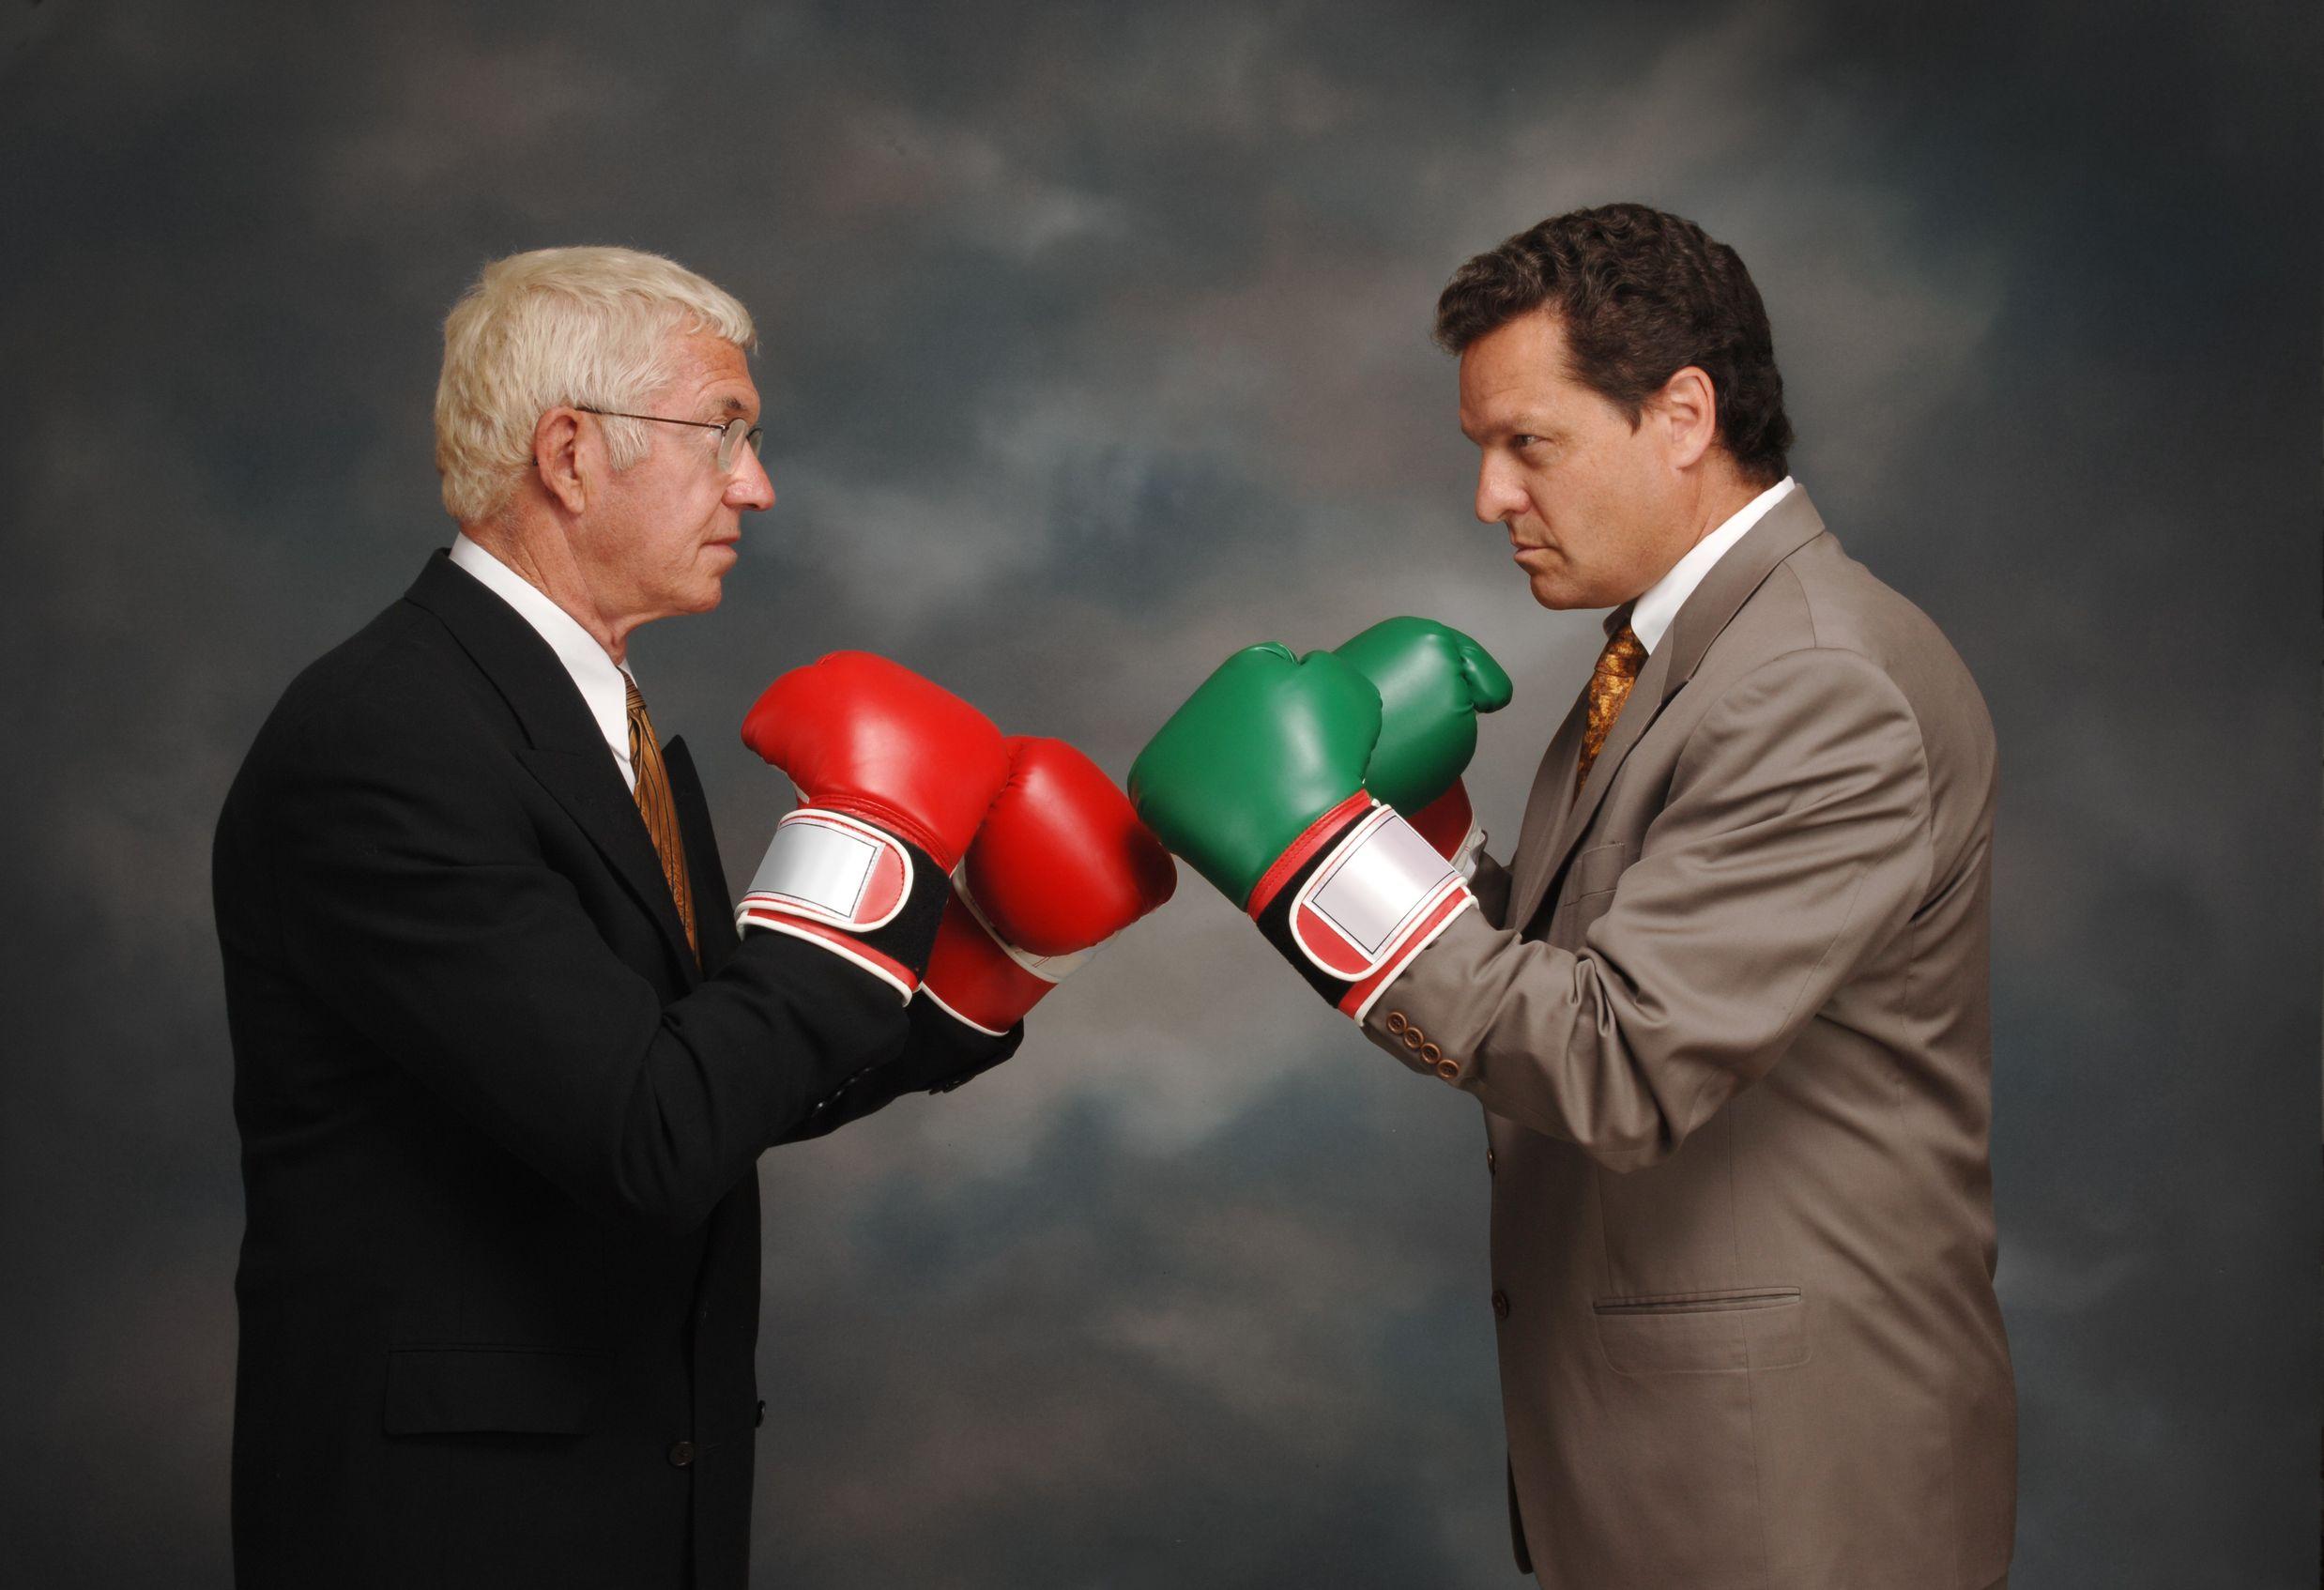 execs-boxing